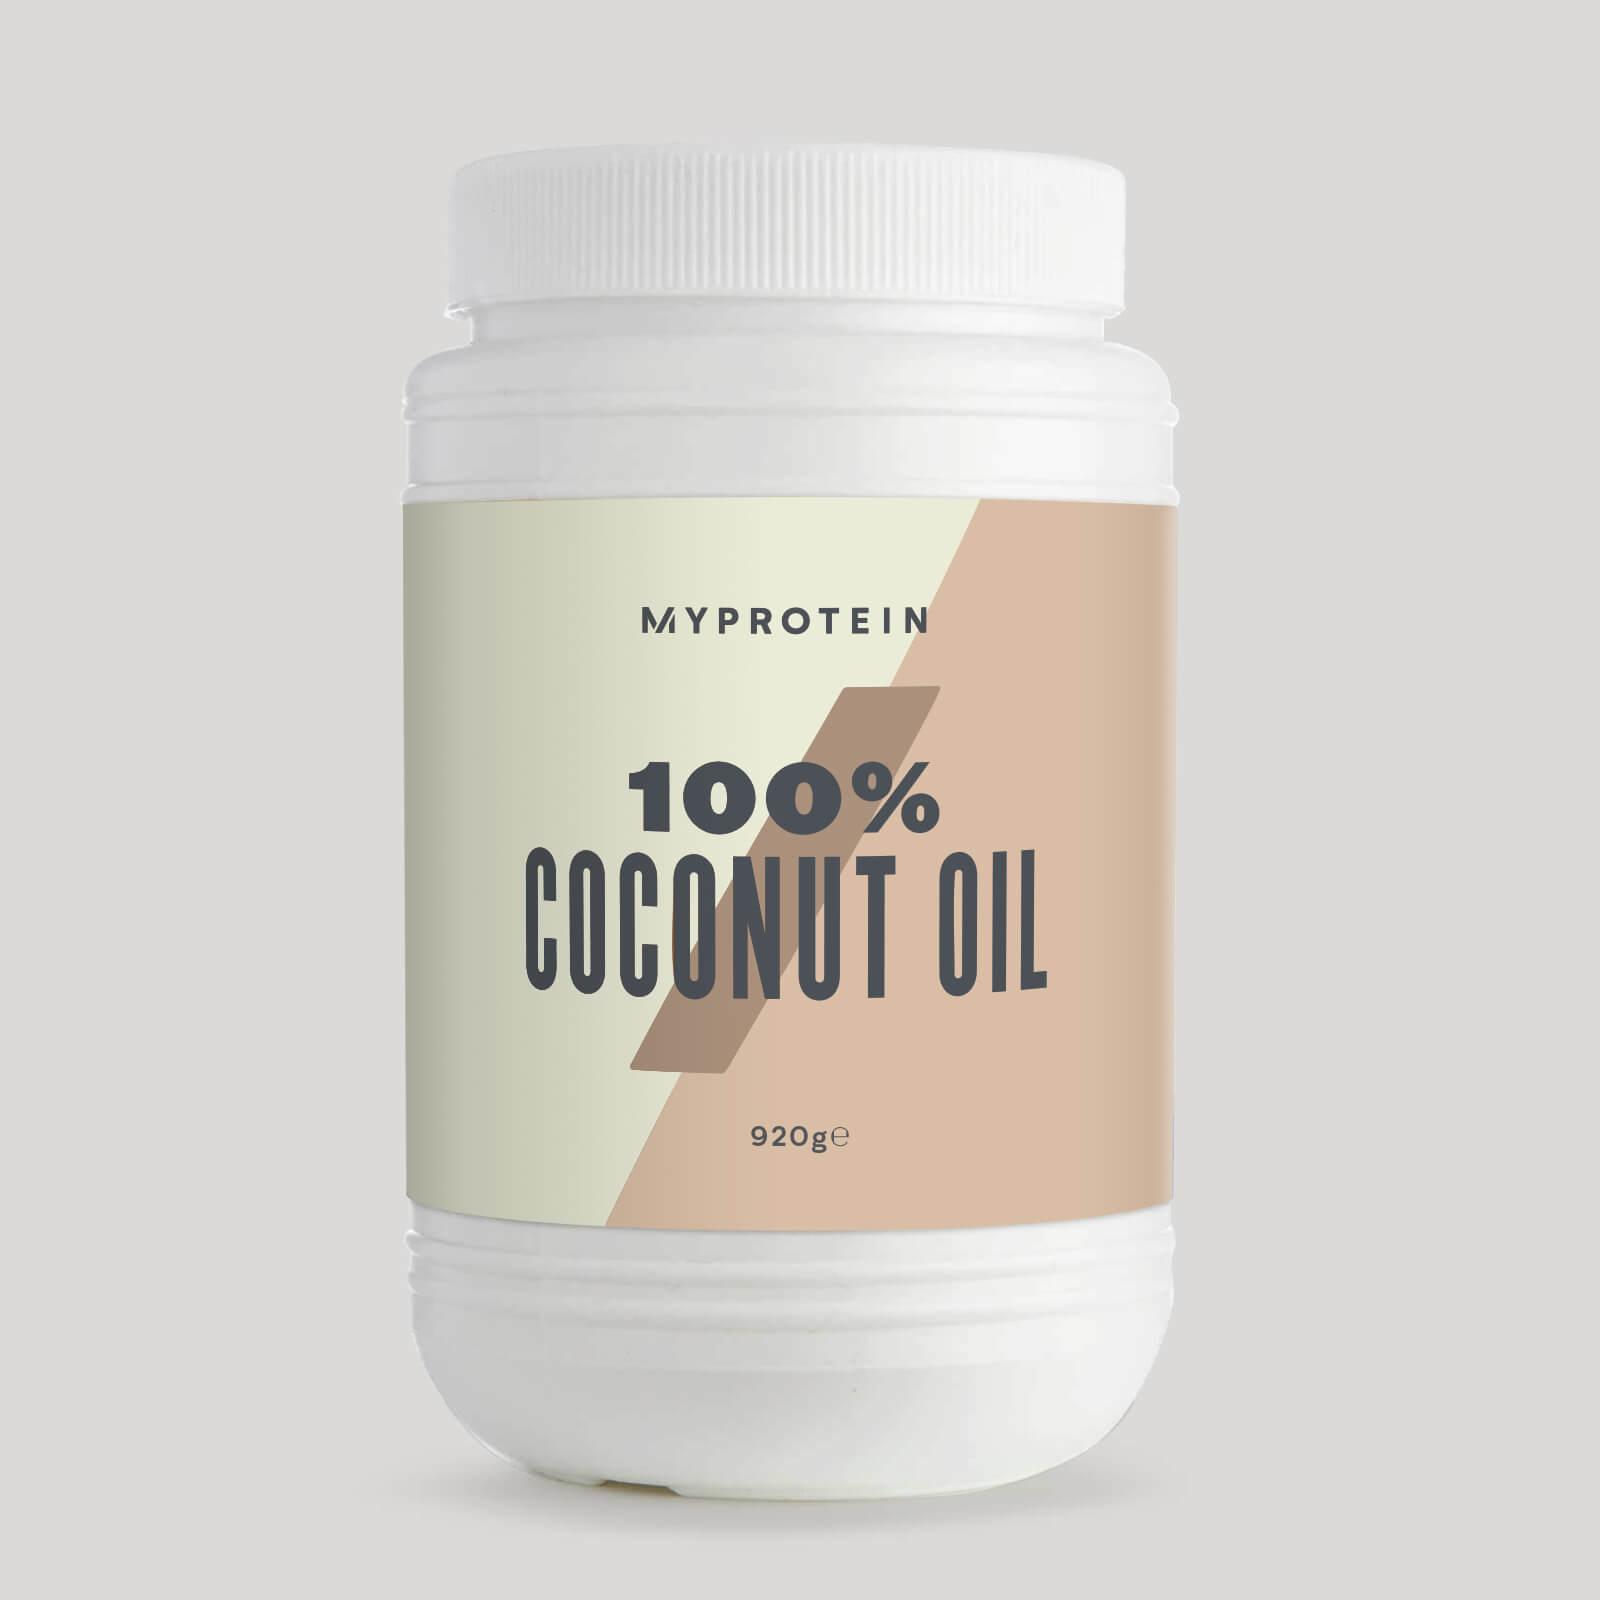 Myprotein Olio di Cocco 100% - 920g - Senza aroma